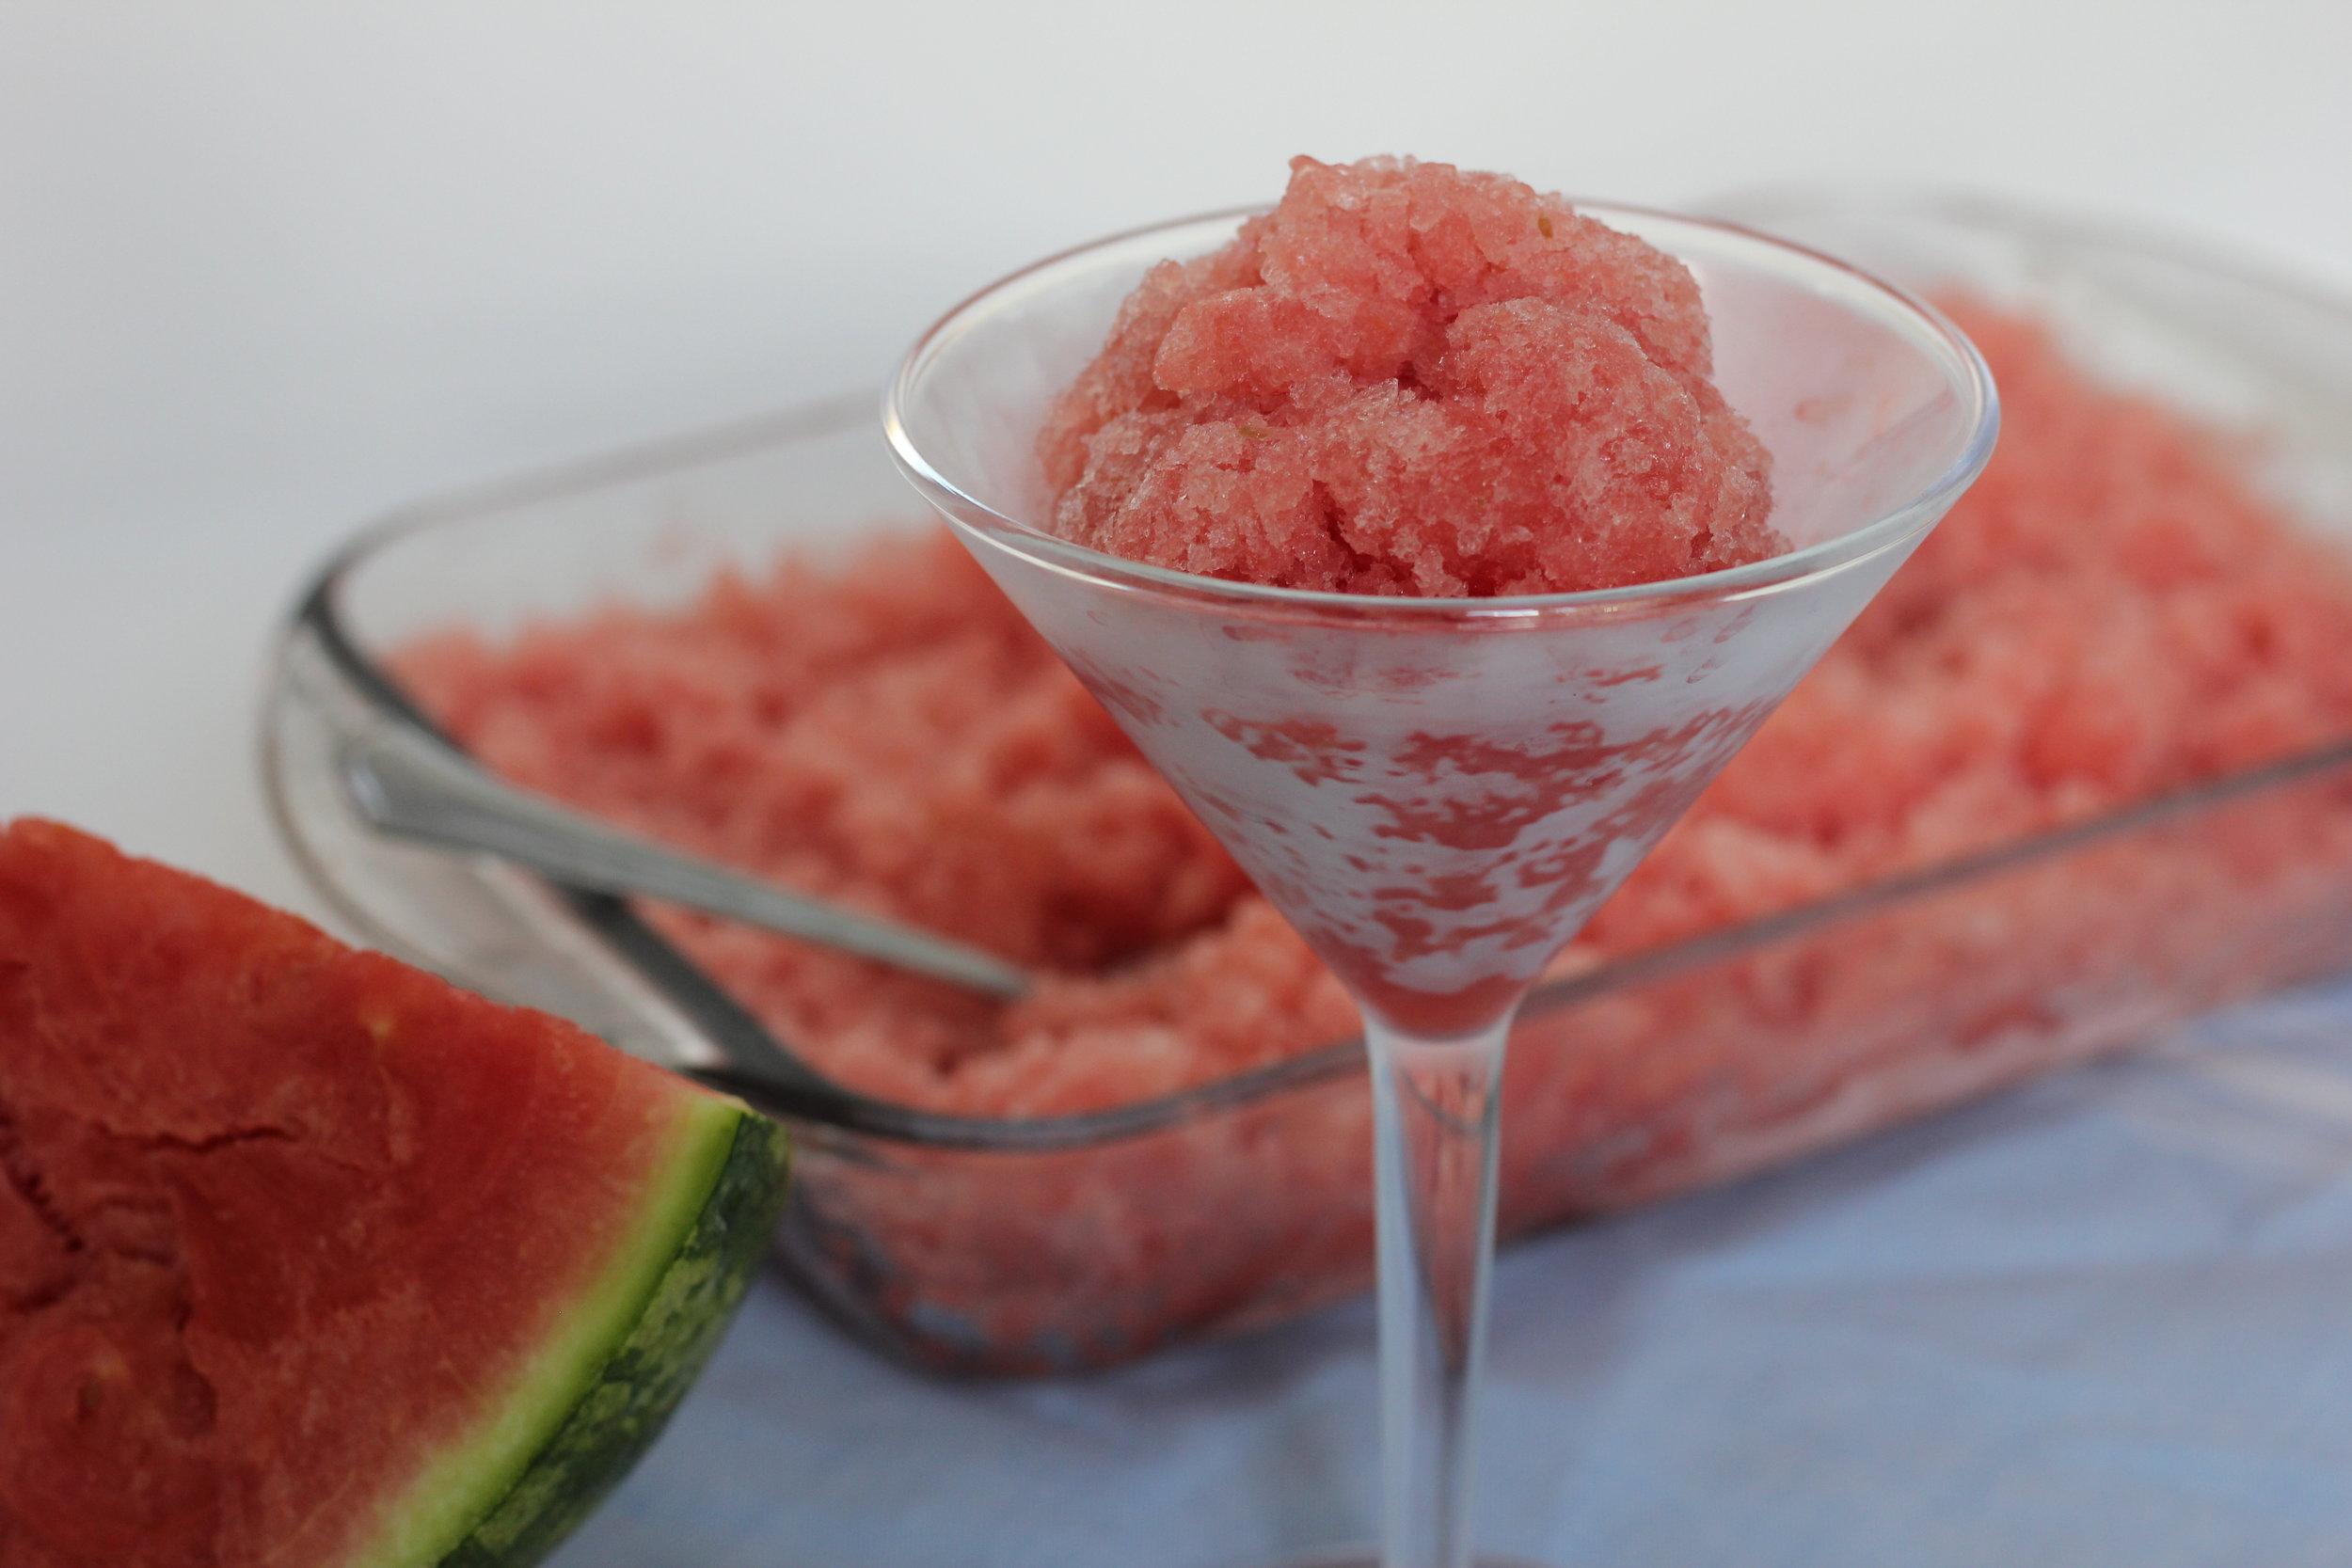 Watermelon Granita by Kerry Fannon, Registered Dietitian in Fort Lauderdale